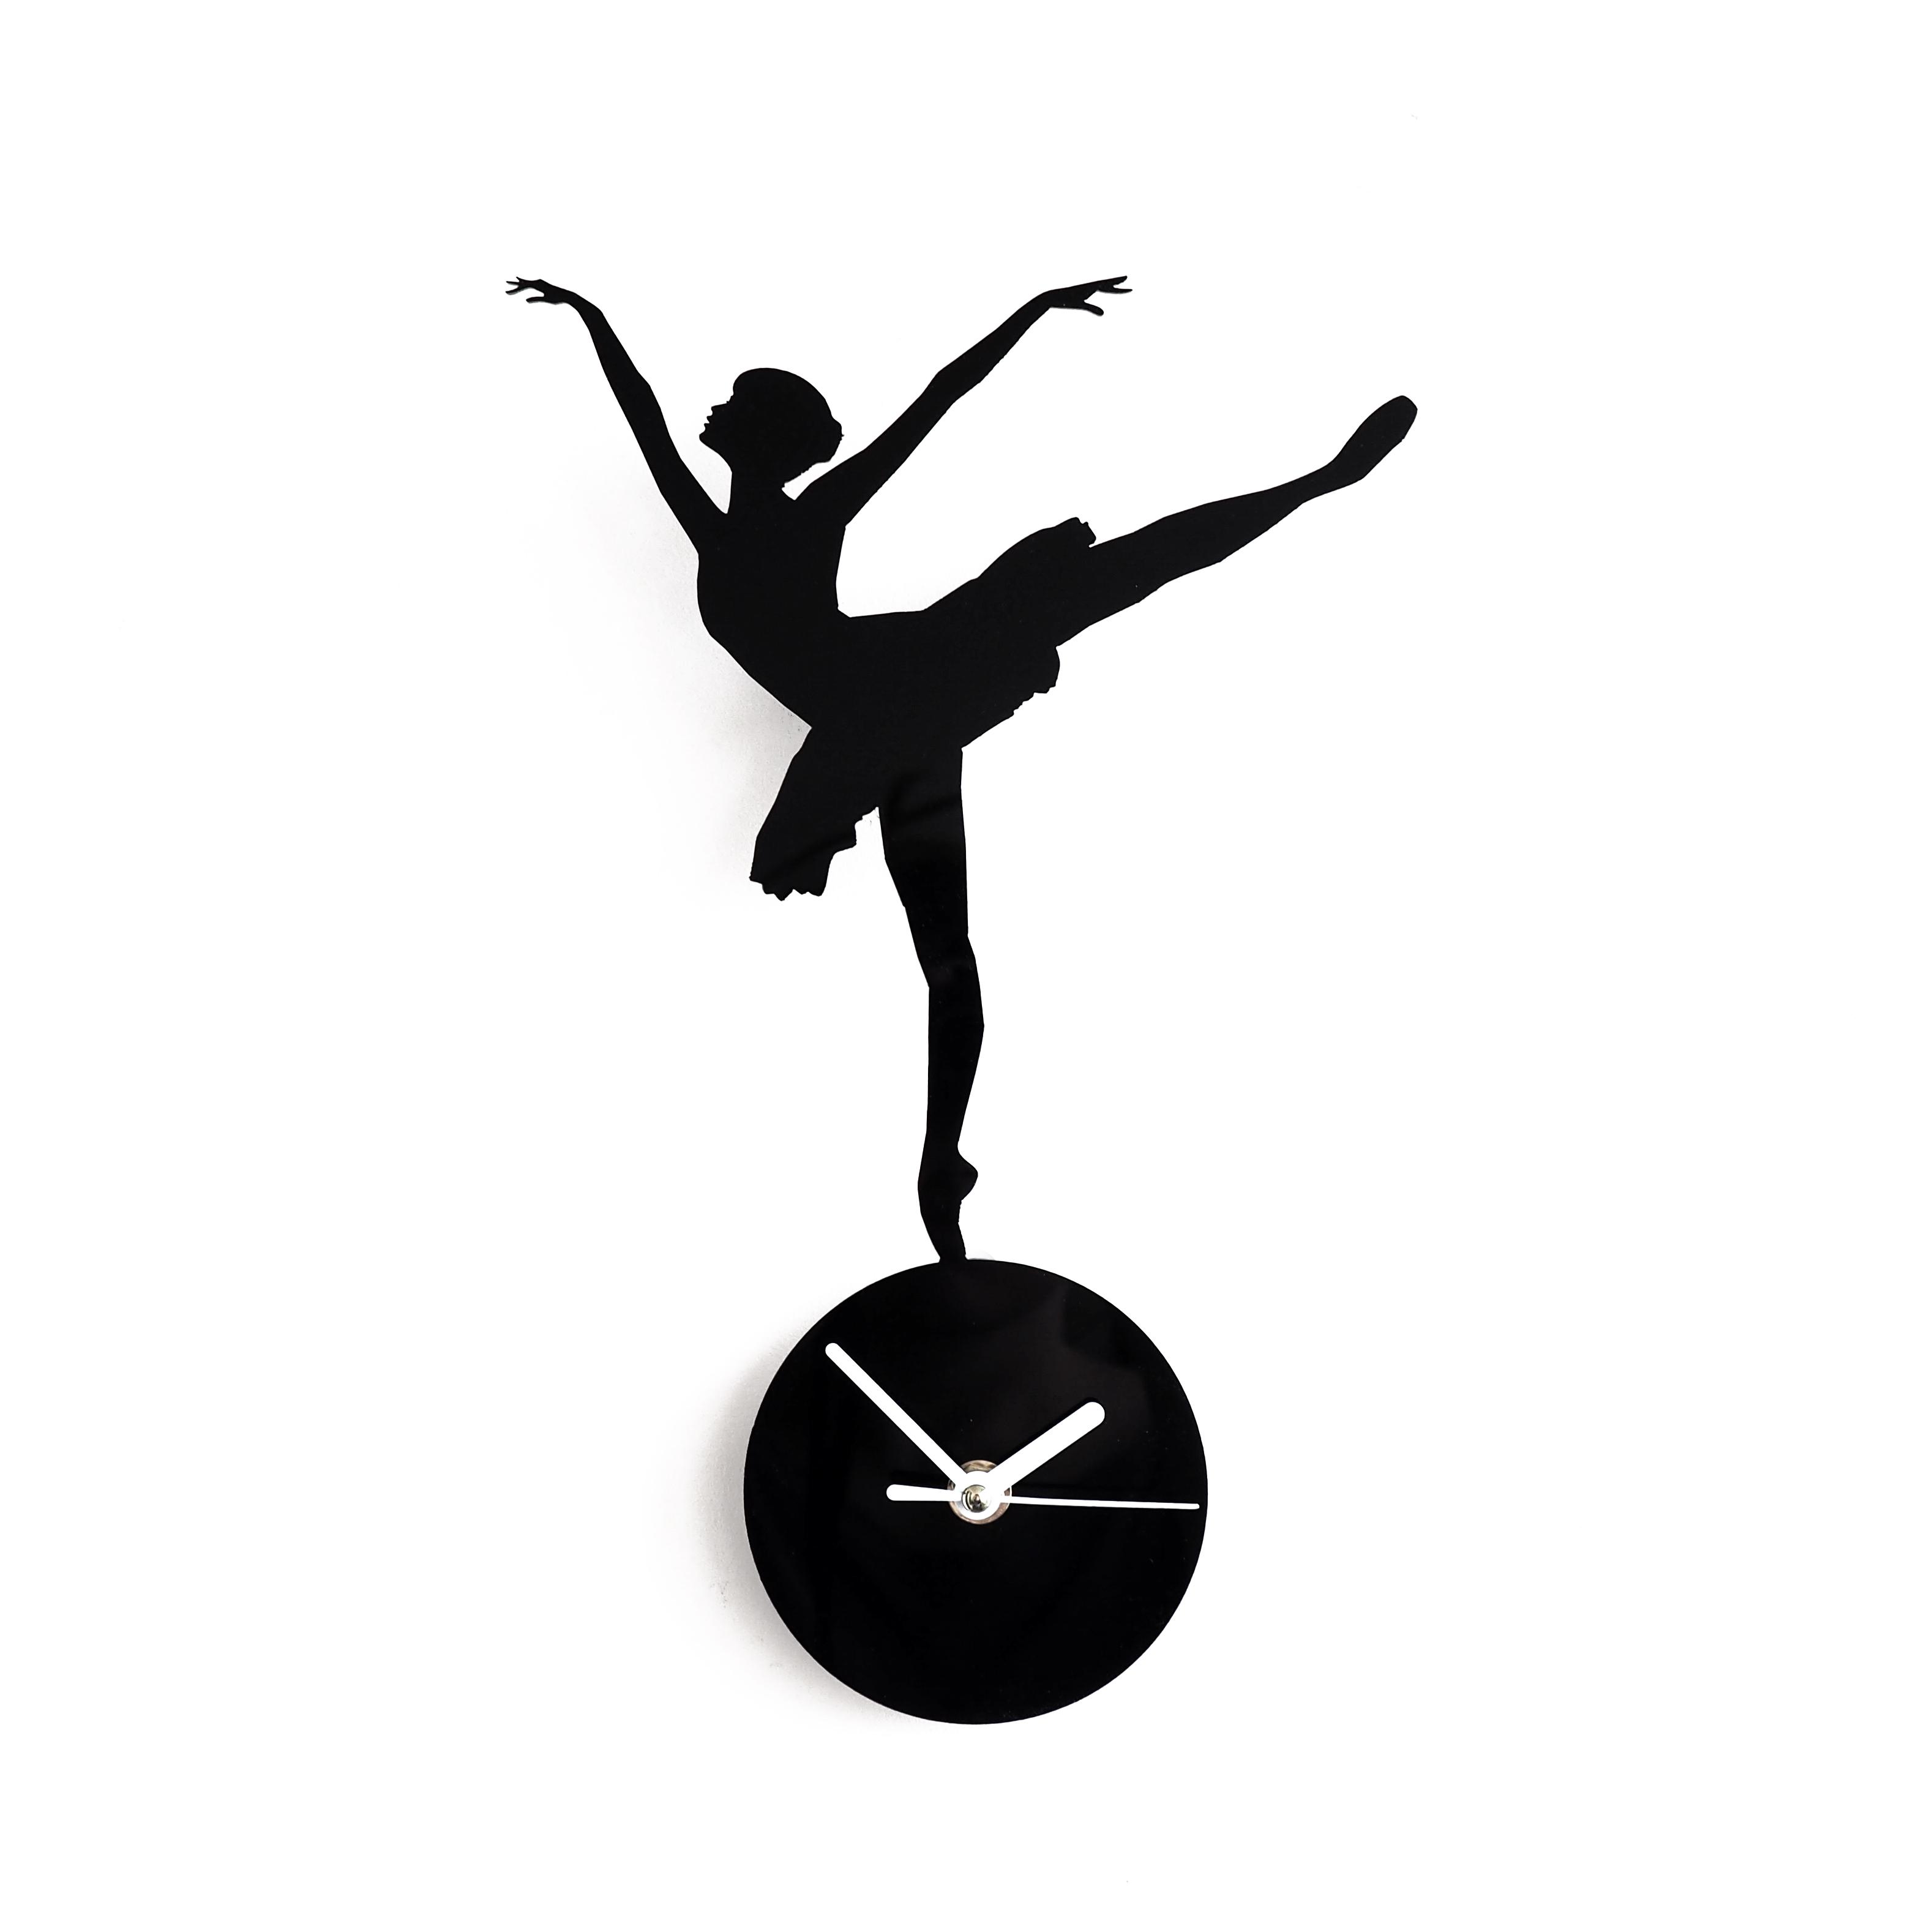 Настенные часы, Настенные часы Roomton, Roomton Балерина, черные, оргстекло, Балерина, черные, оргстекло